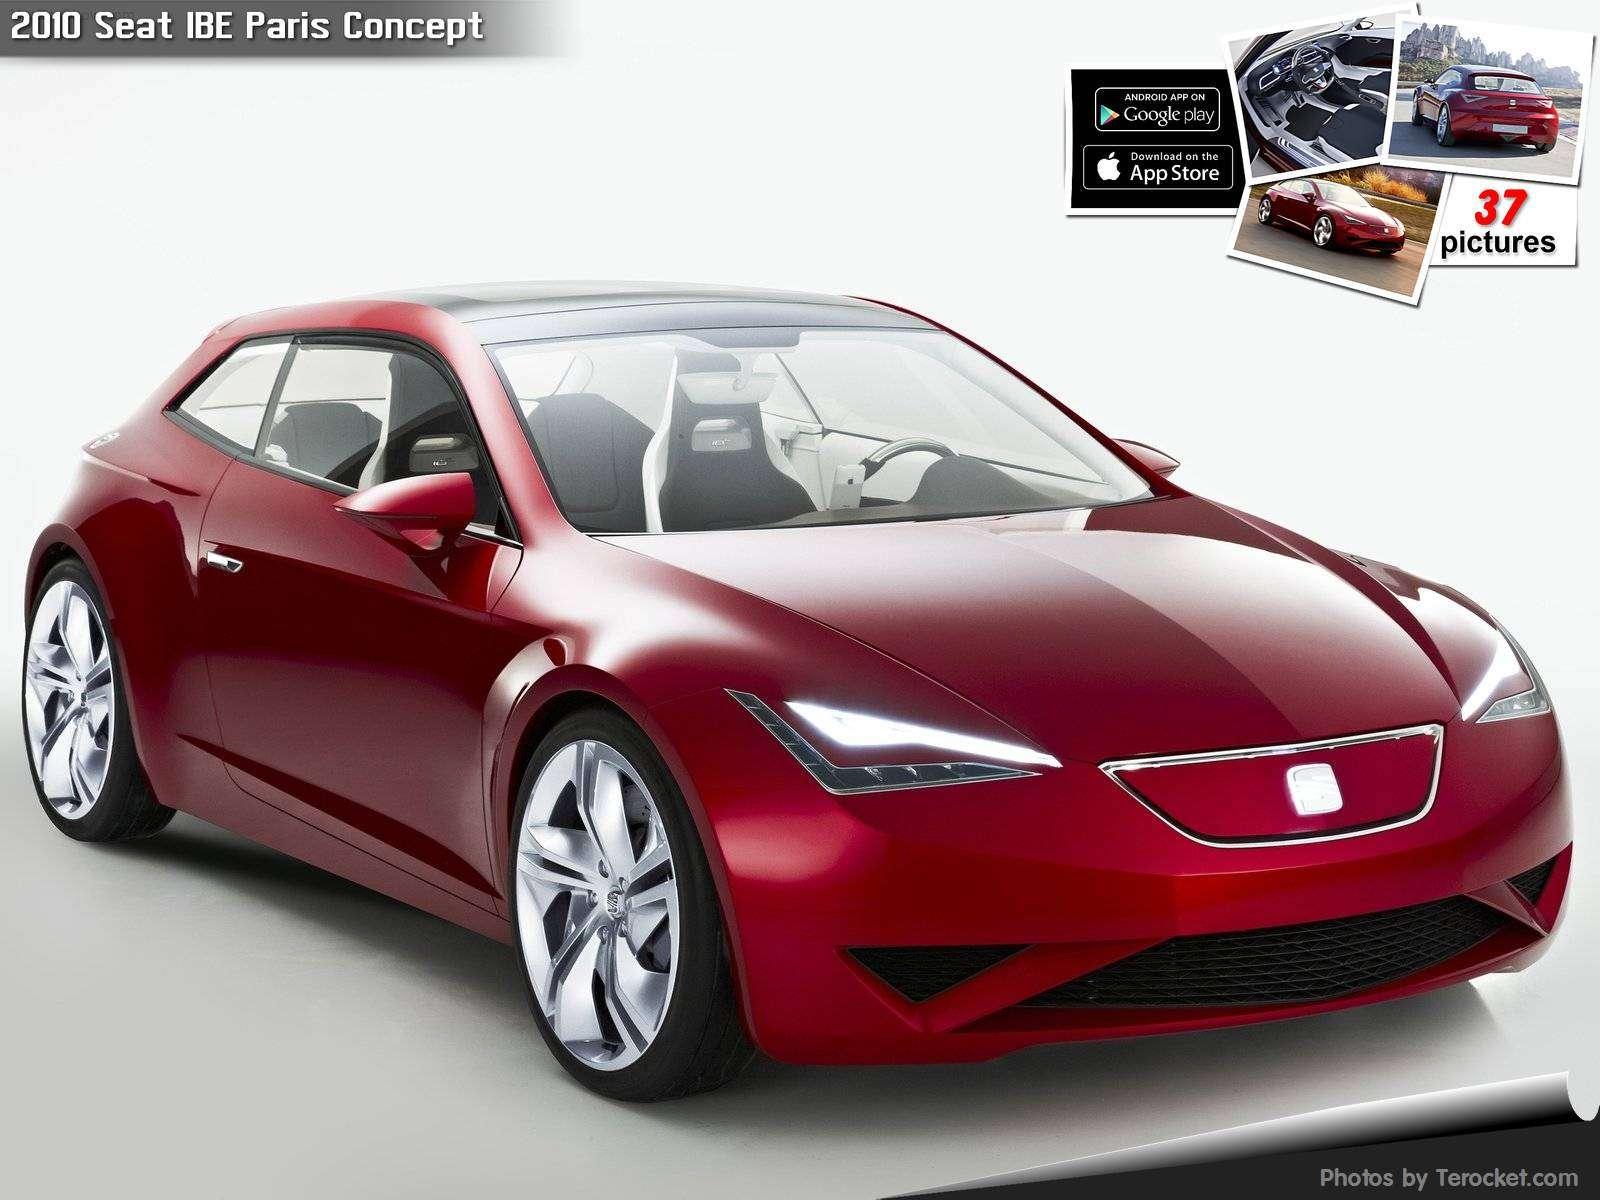 Hình ảnh xe ô tô Seat IBE Paris Concept 2010 & nội ngoại thất